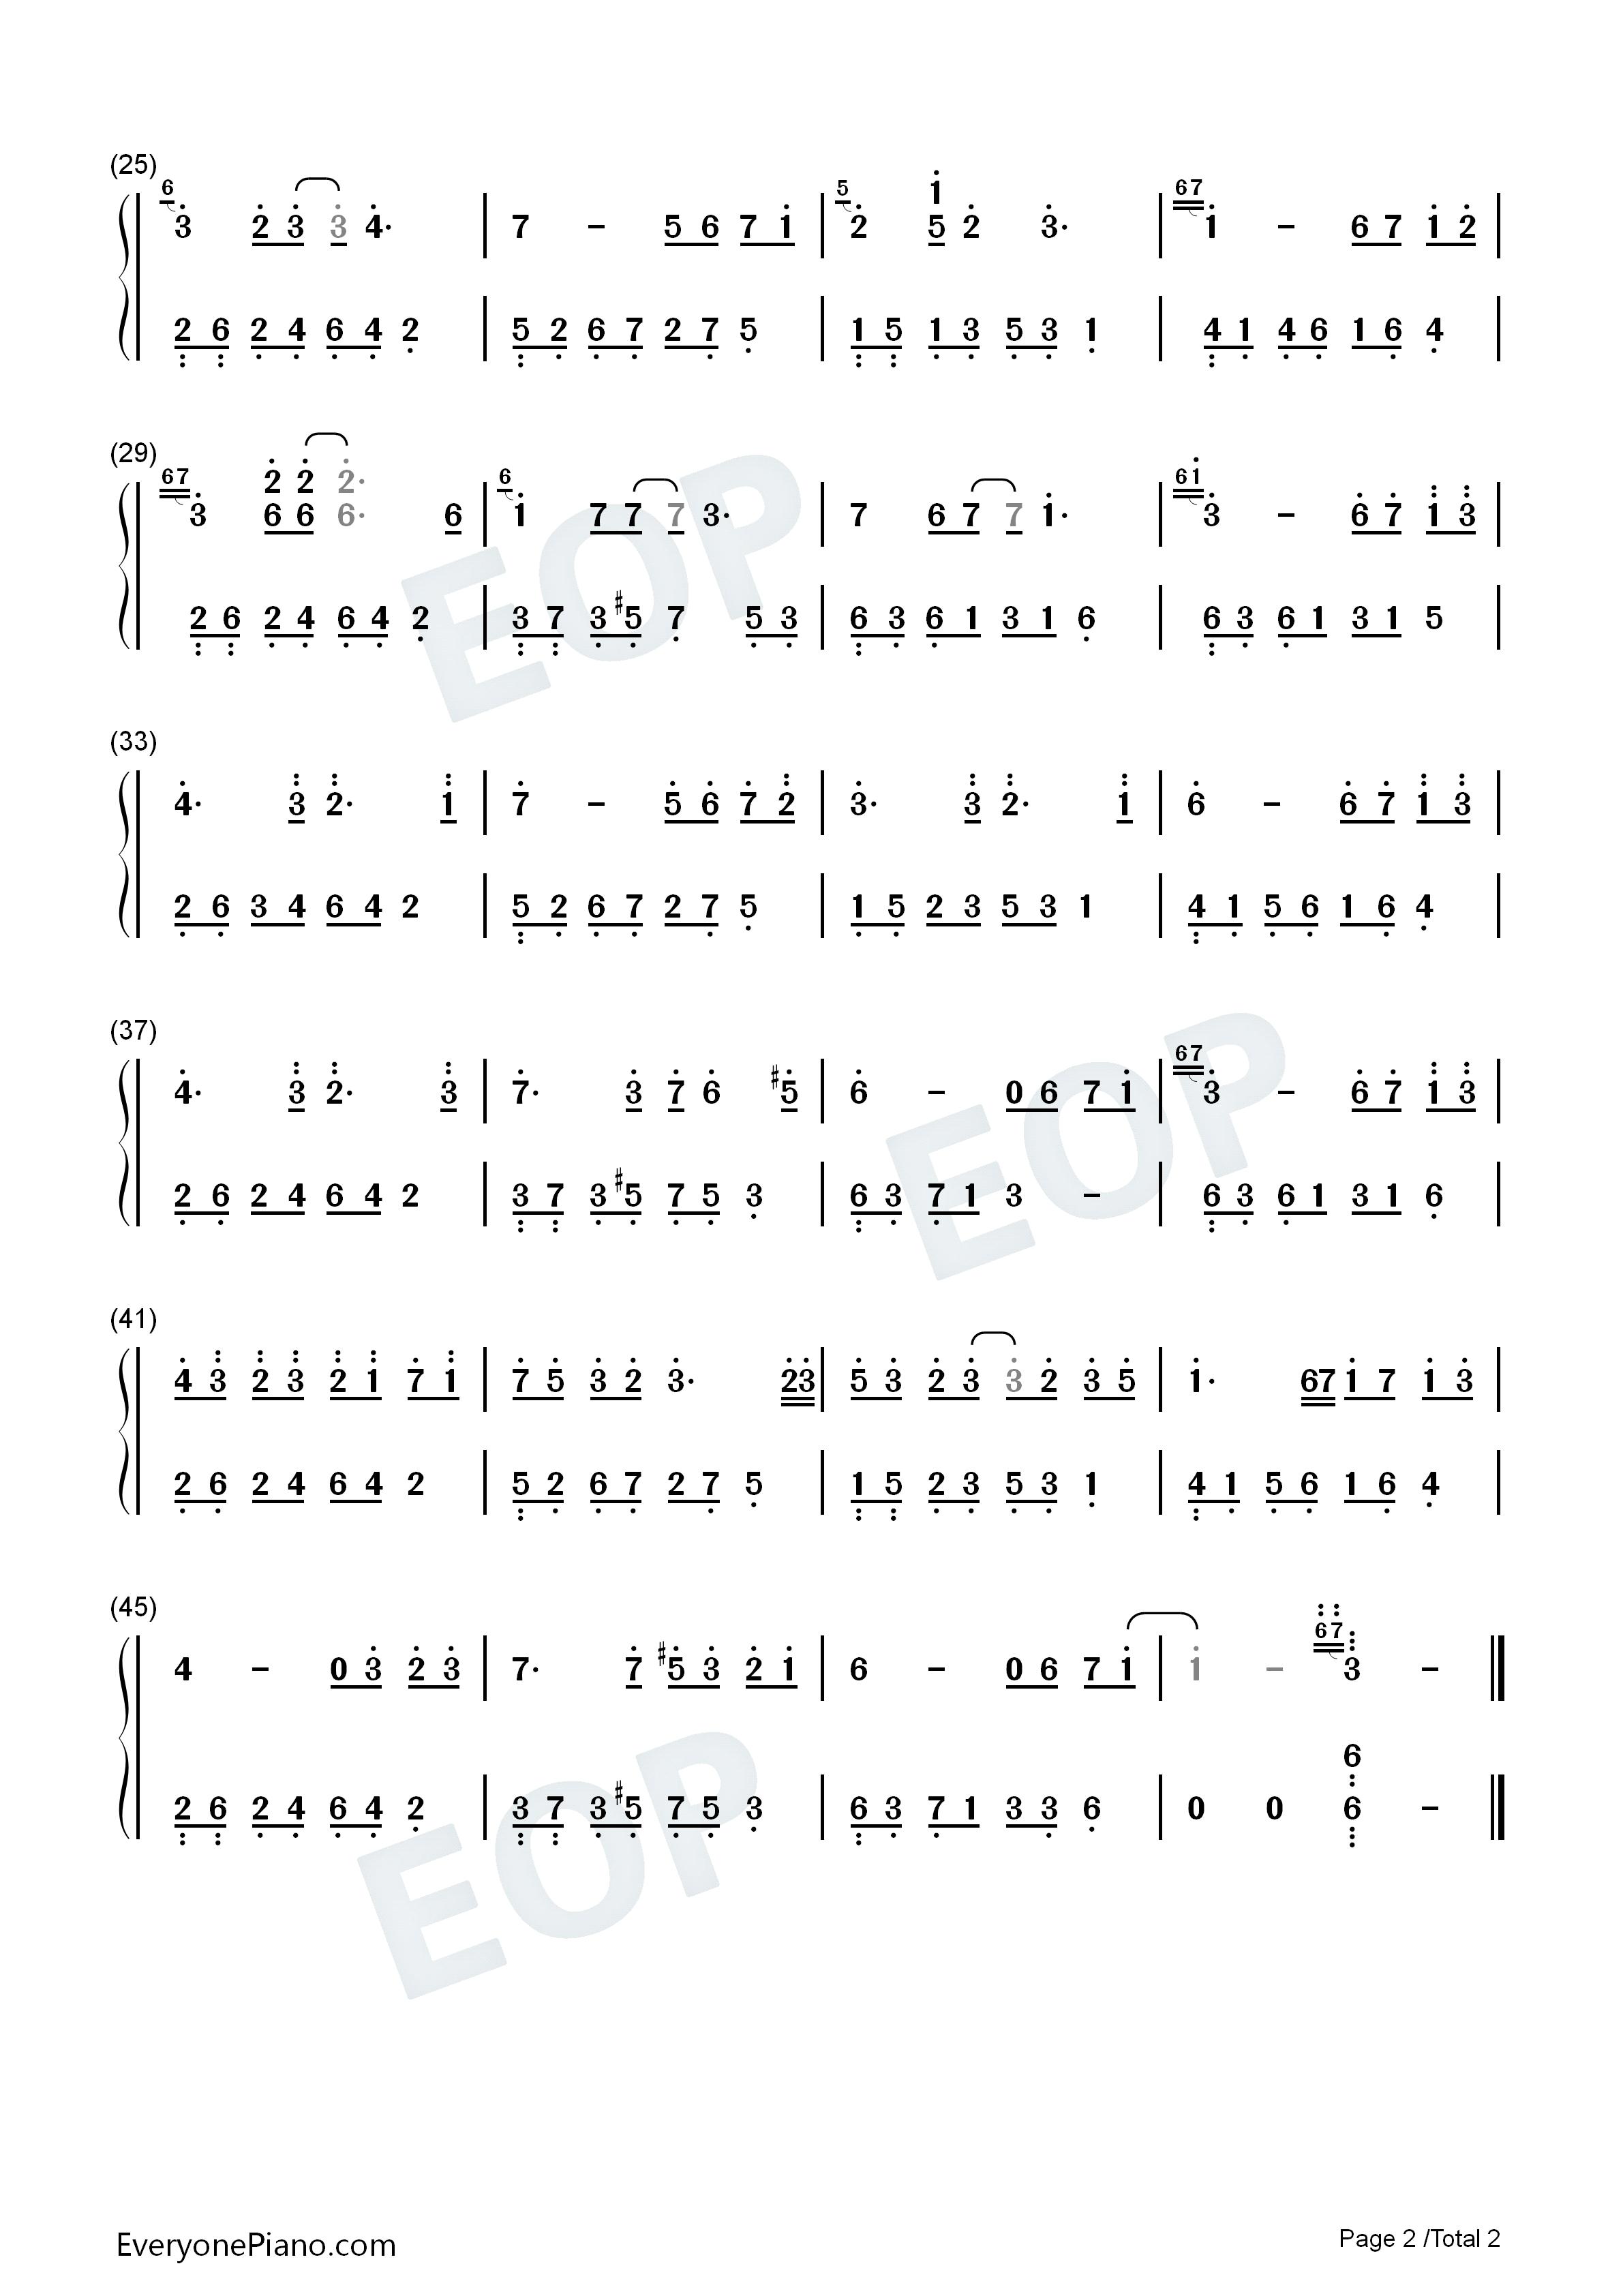 夜的钢琴曲 28-石进双手简谱预览-eop在线乐谱架